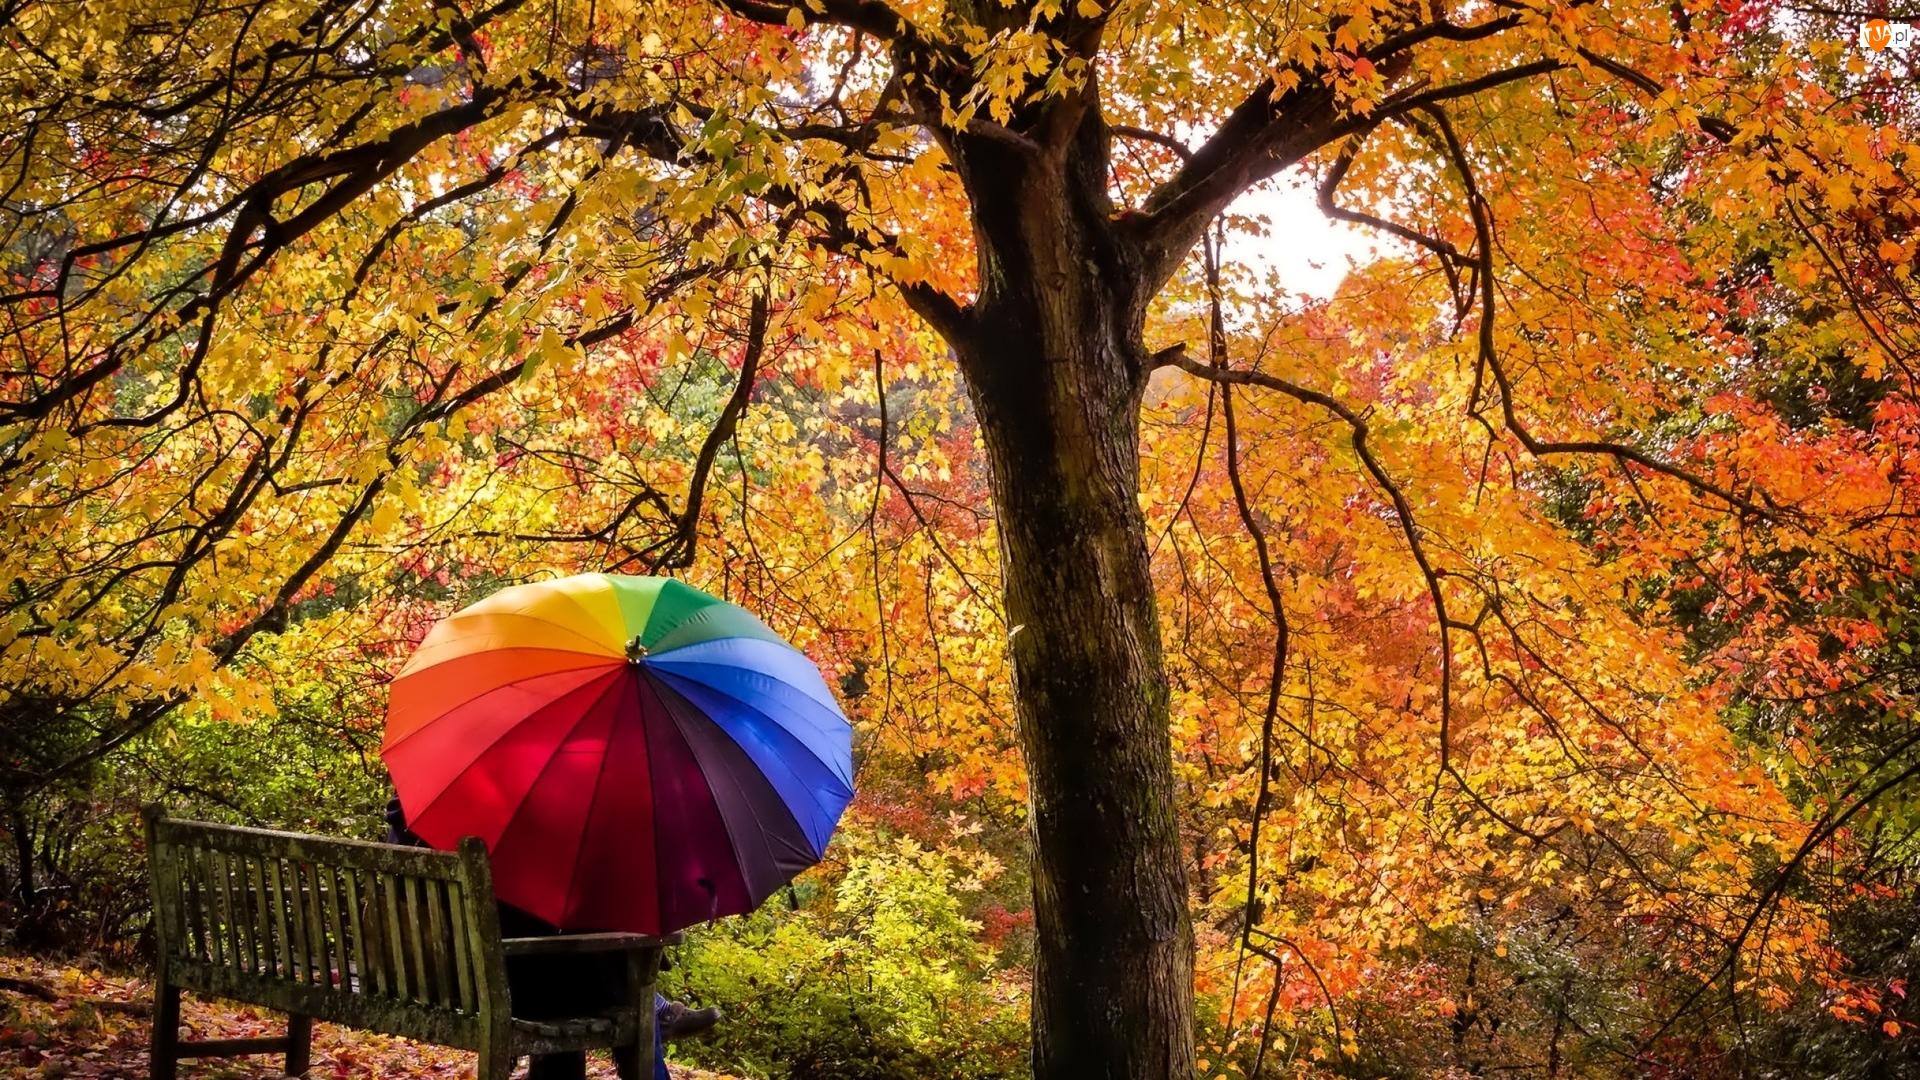 Ławka, Para, Parasolka, Jesień, Kolorowa, Drzewa